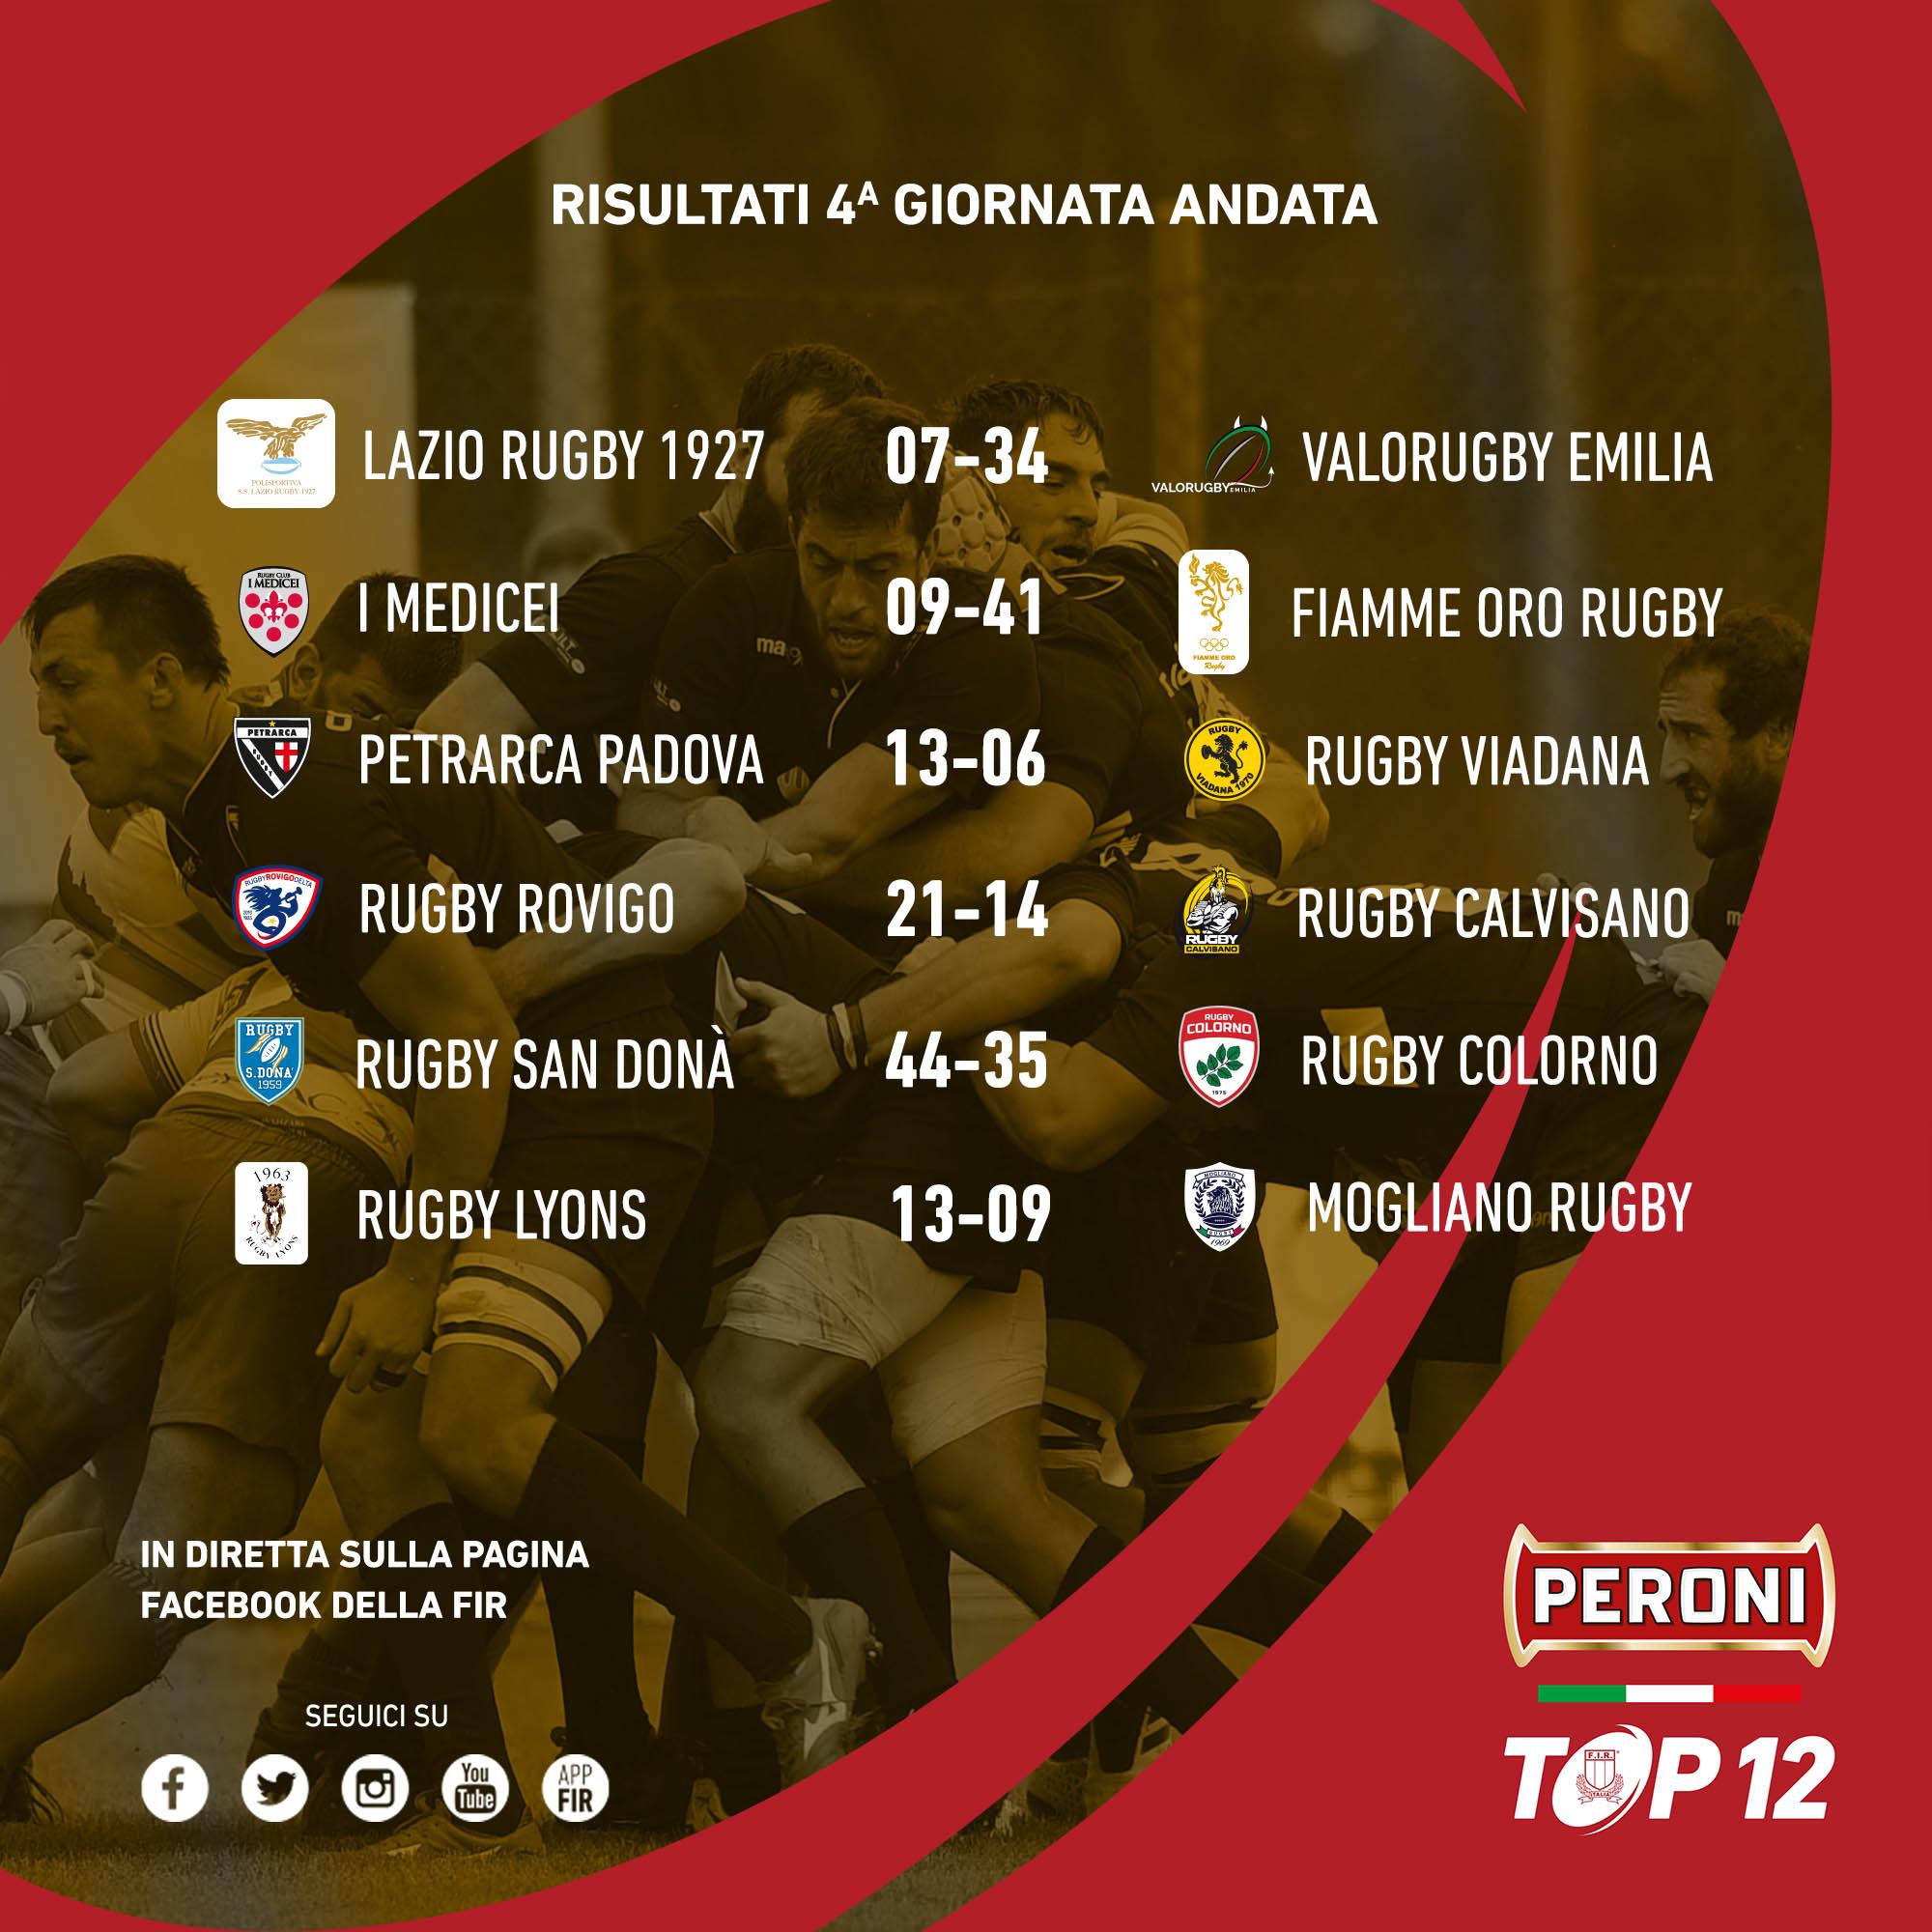 risultati 4giornata top12